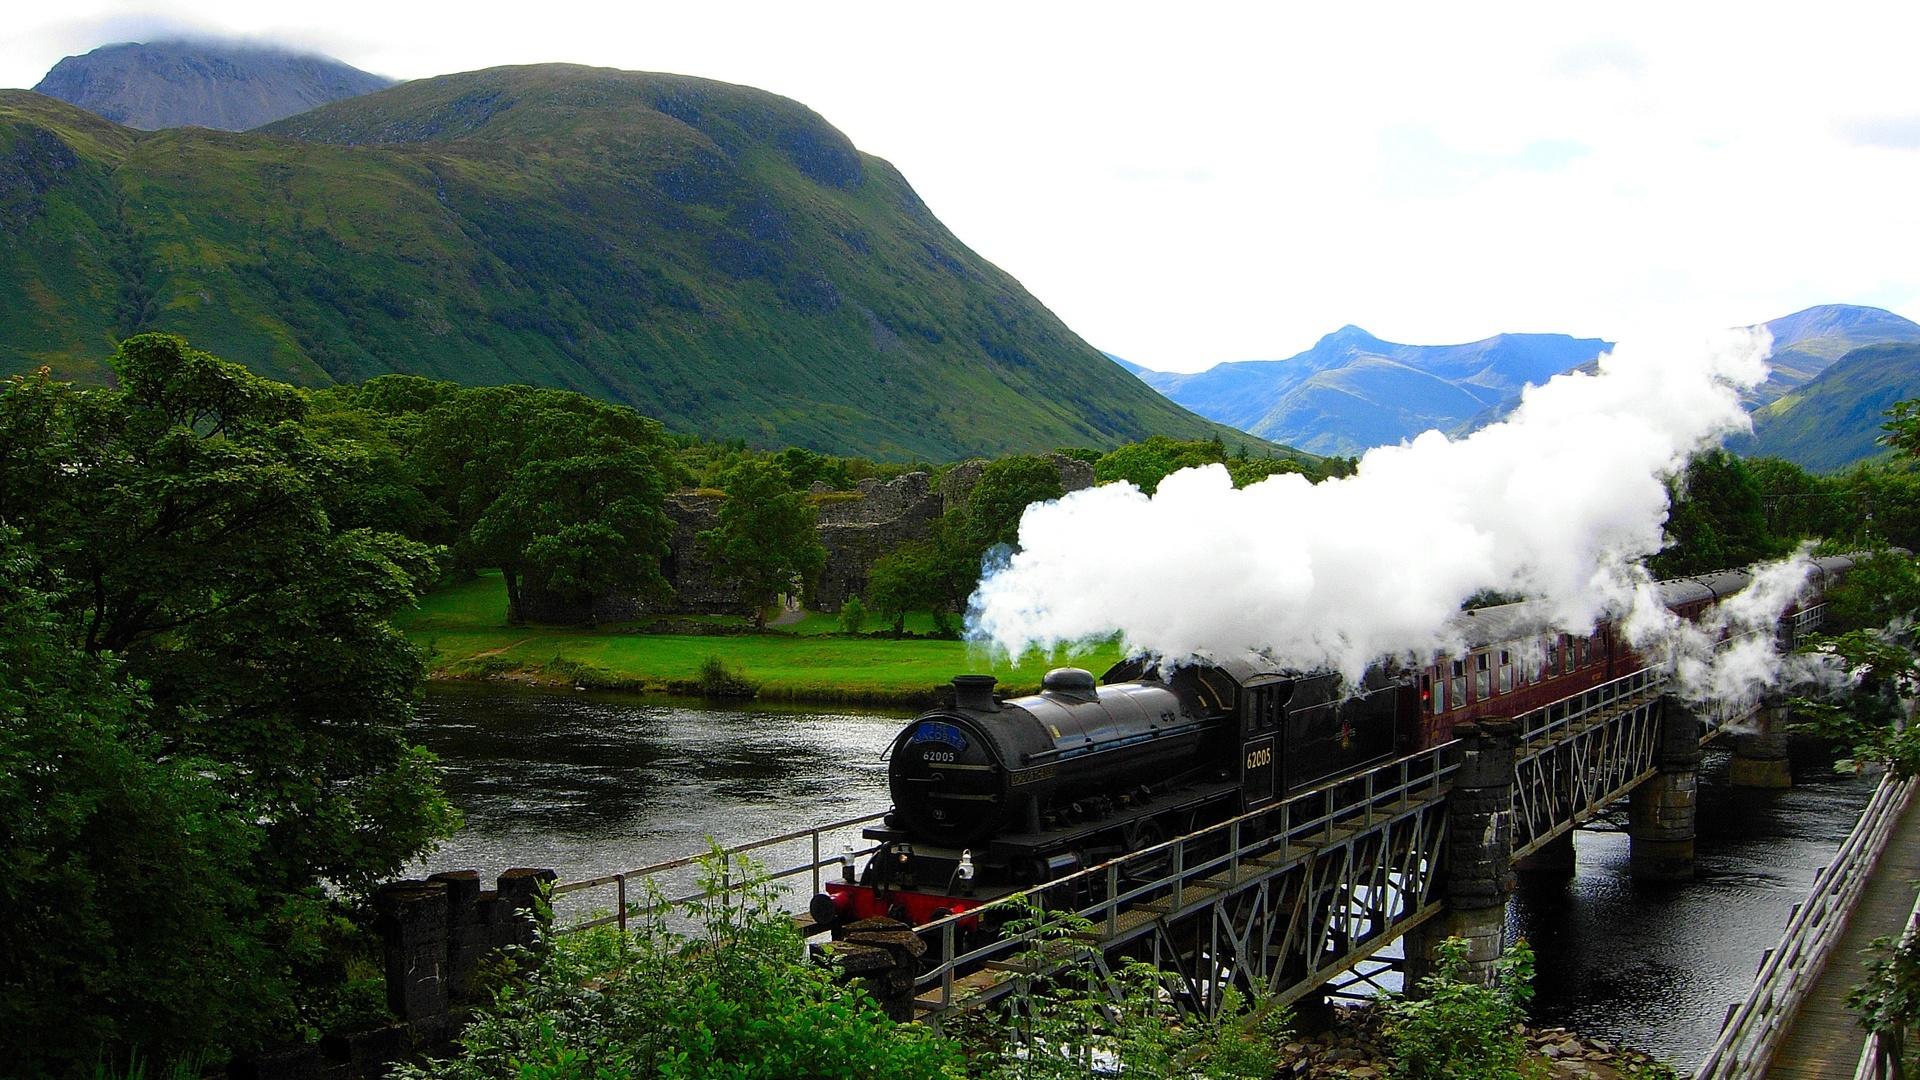 38093壁紙のダウンロード輸送, 列車-スクリーンセーバーと写真を無料で